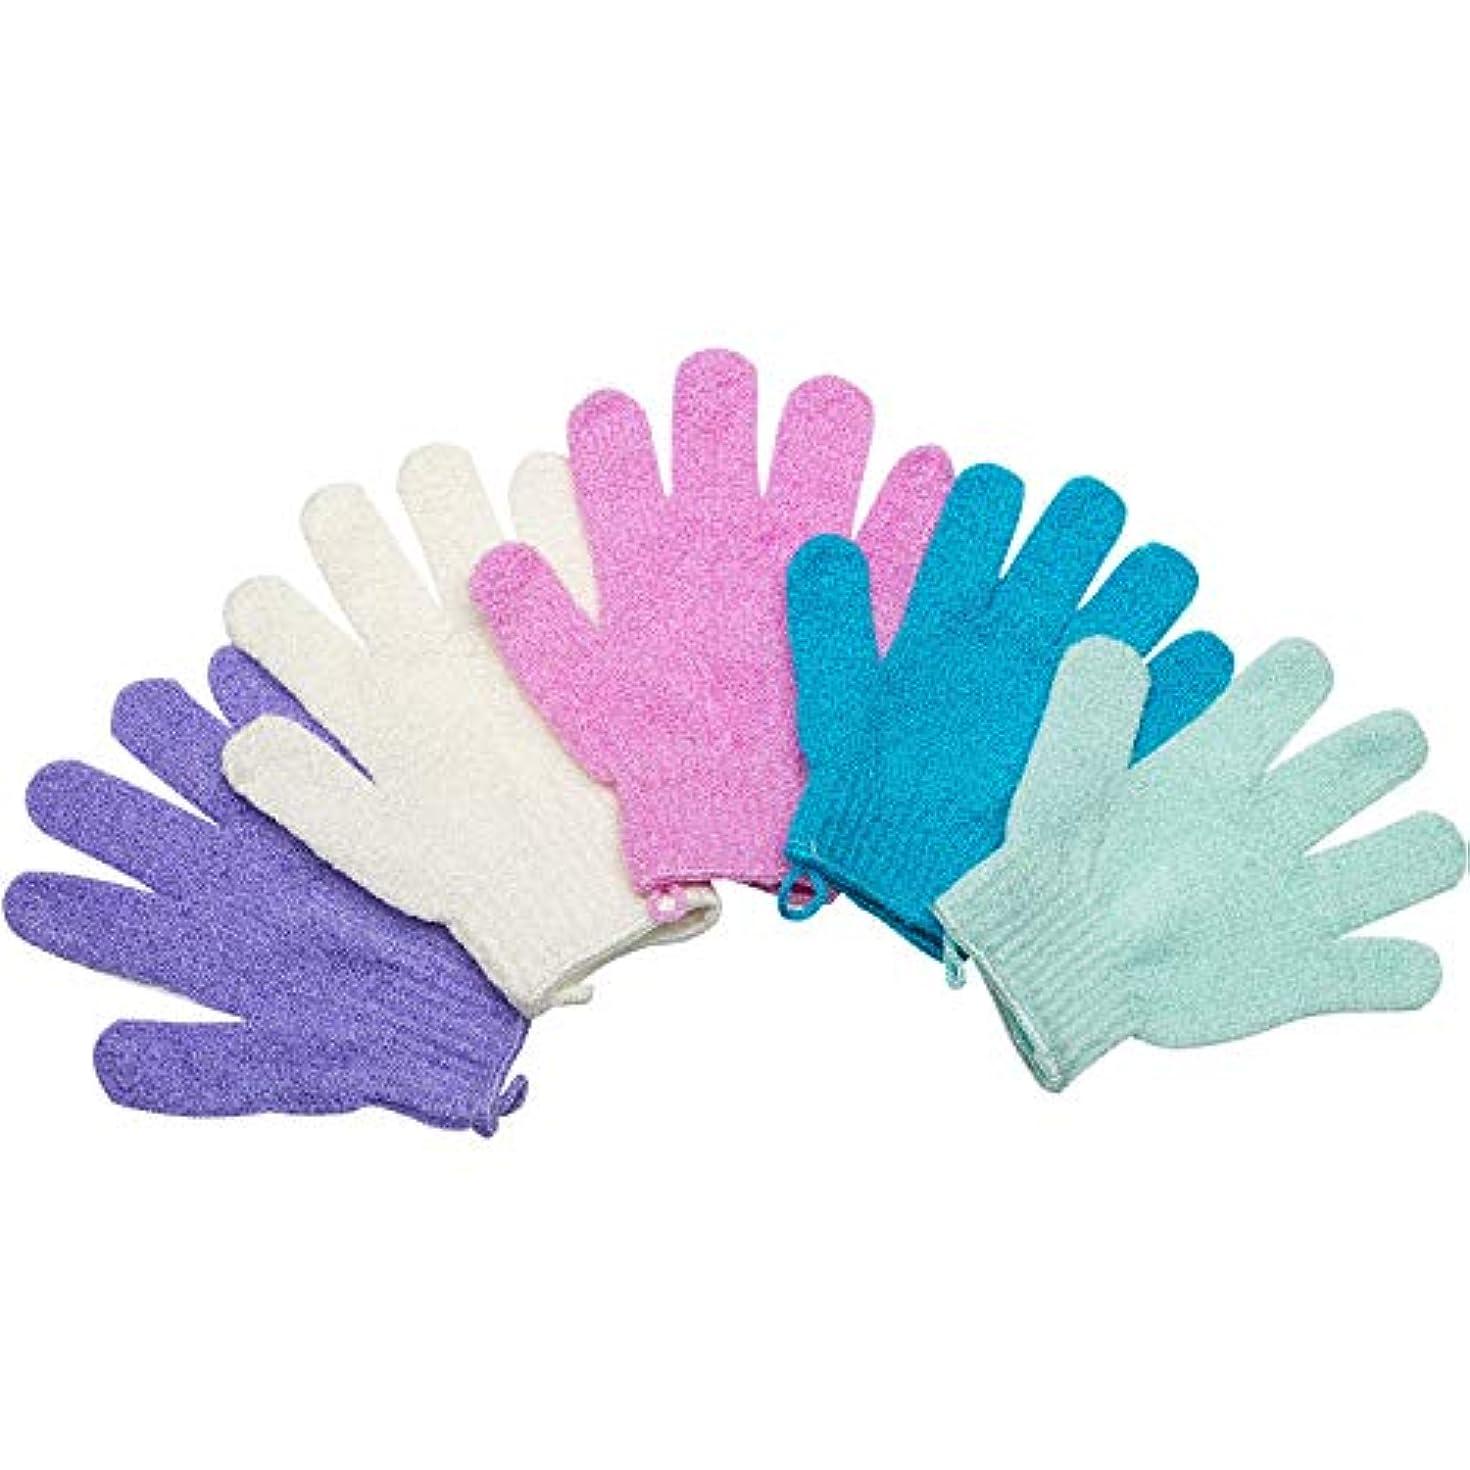 省思春期のペッカディロ5ペアセットお風呂用手袋 入浴用品 垢すり用グローブ 抗菌加工 角質除去 泡立ち 男女兼用 便利なループ付け